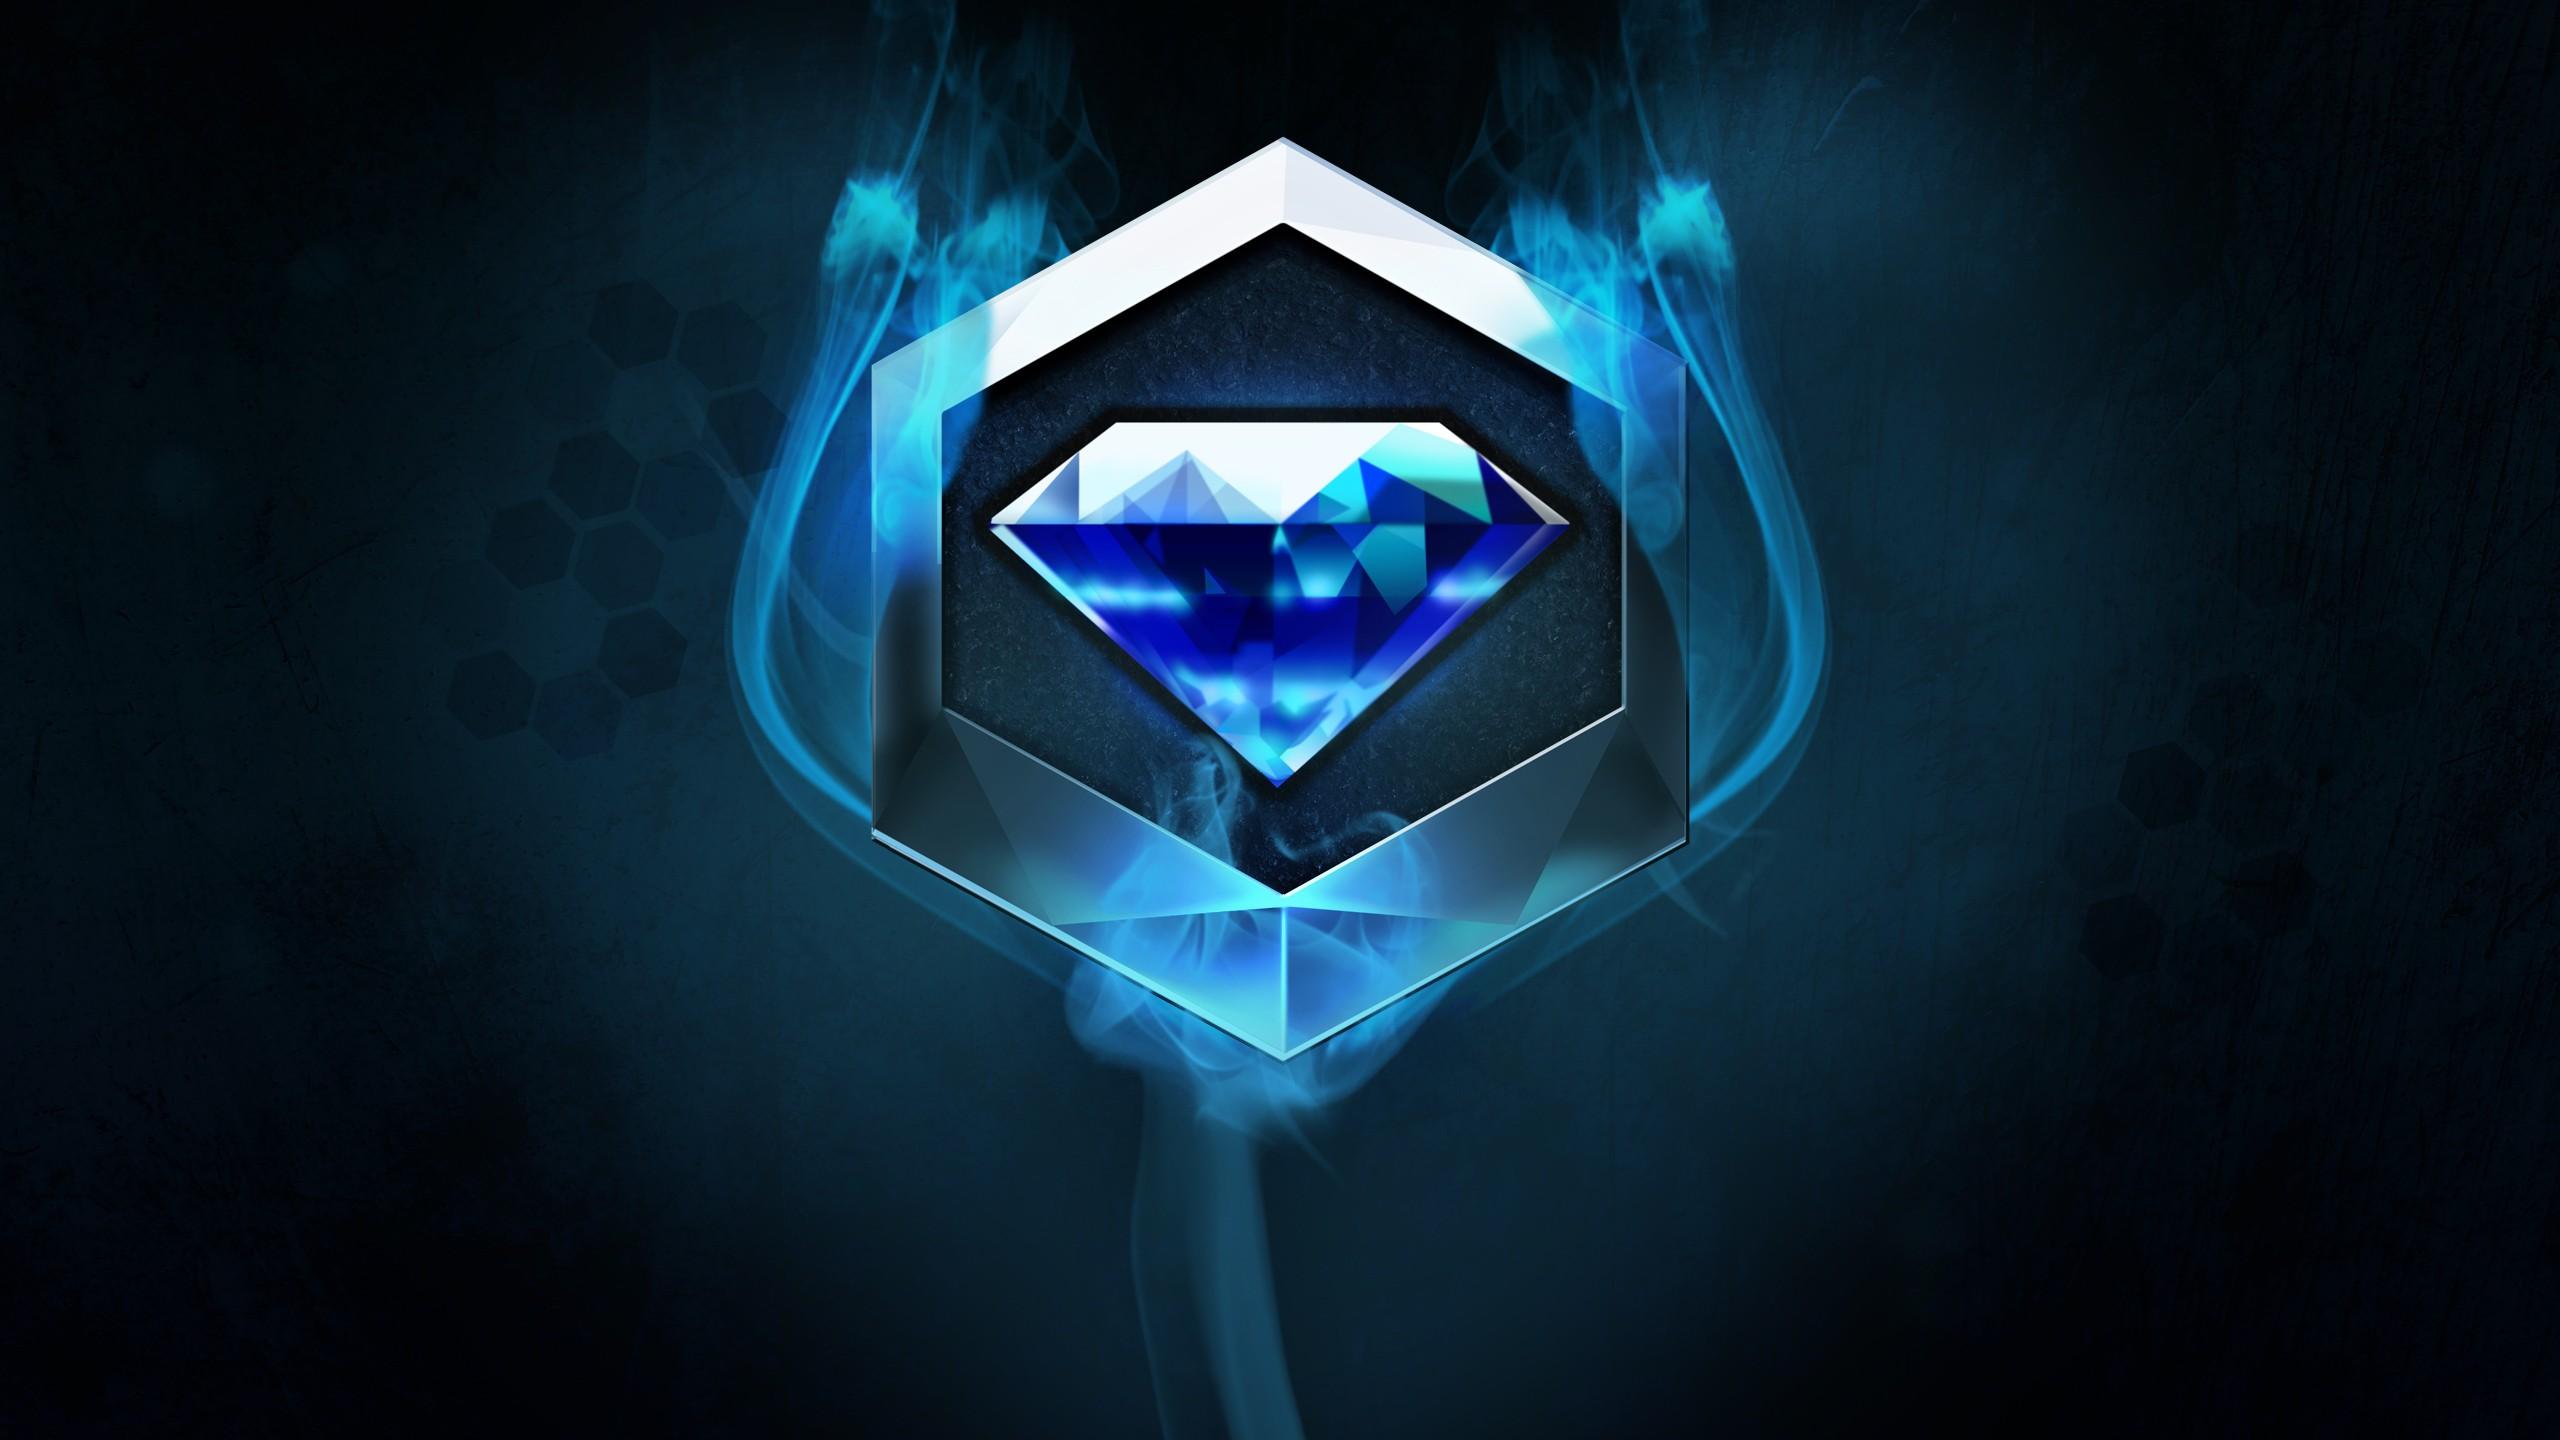 Starcraft Diamond League Wallpaper